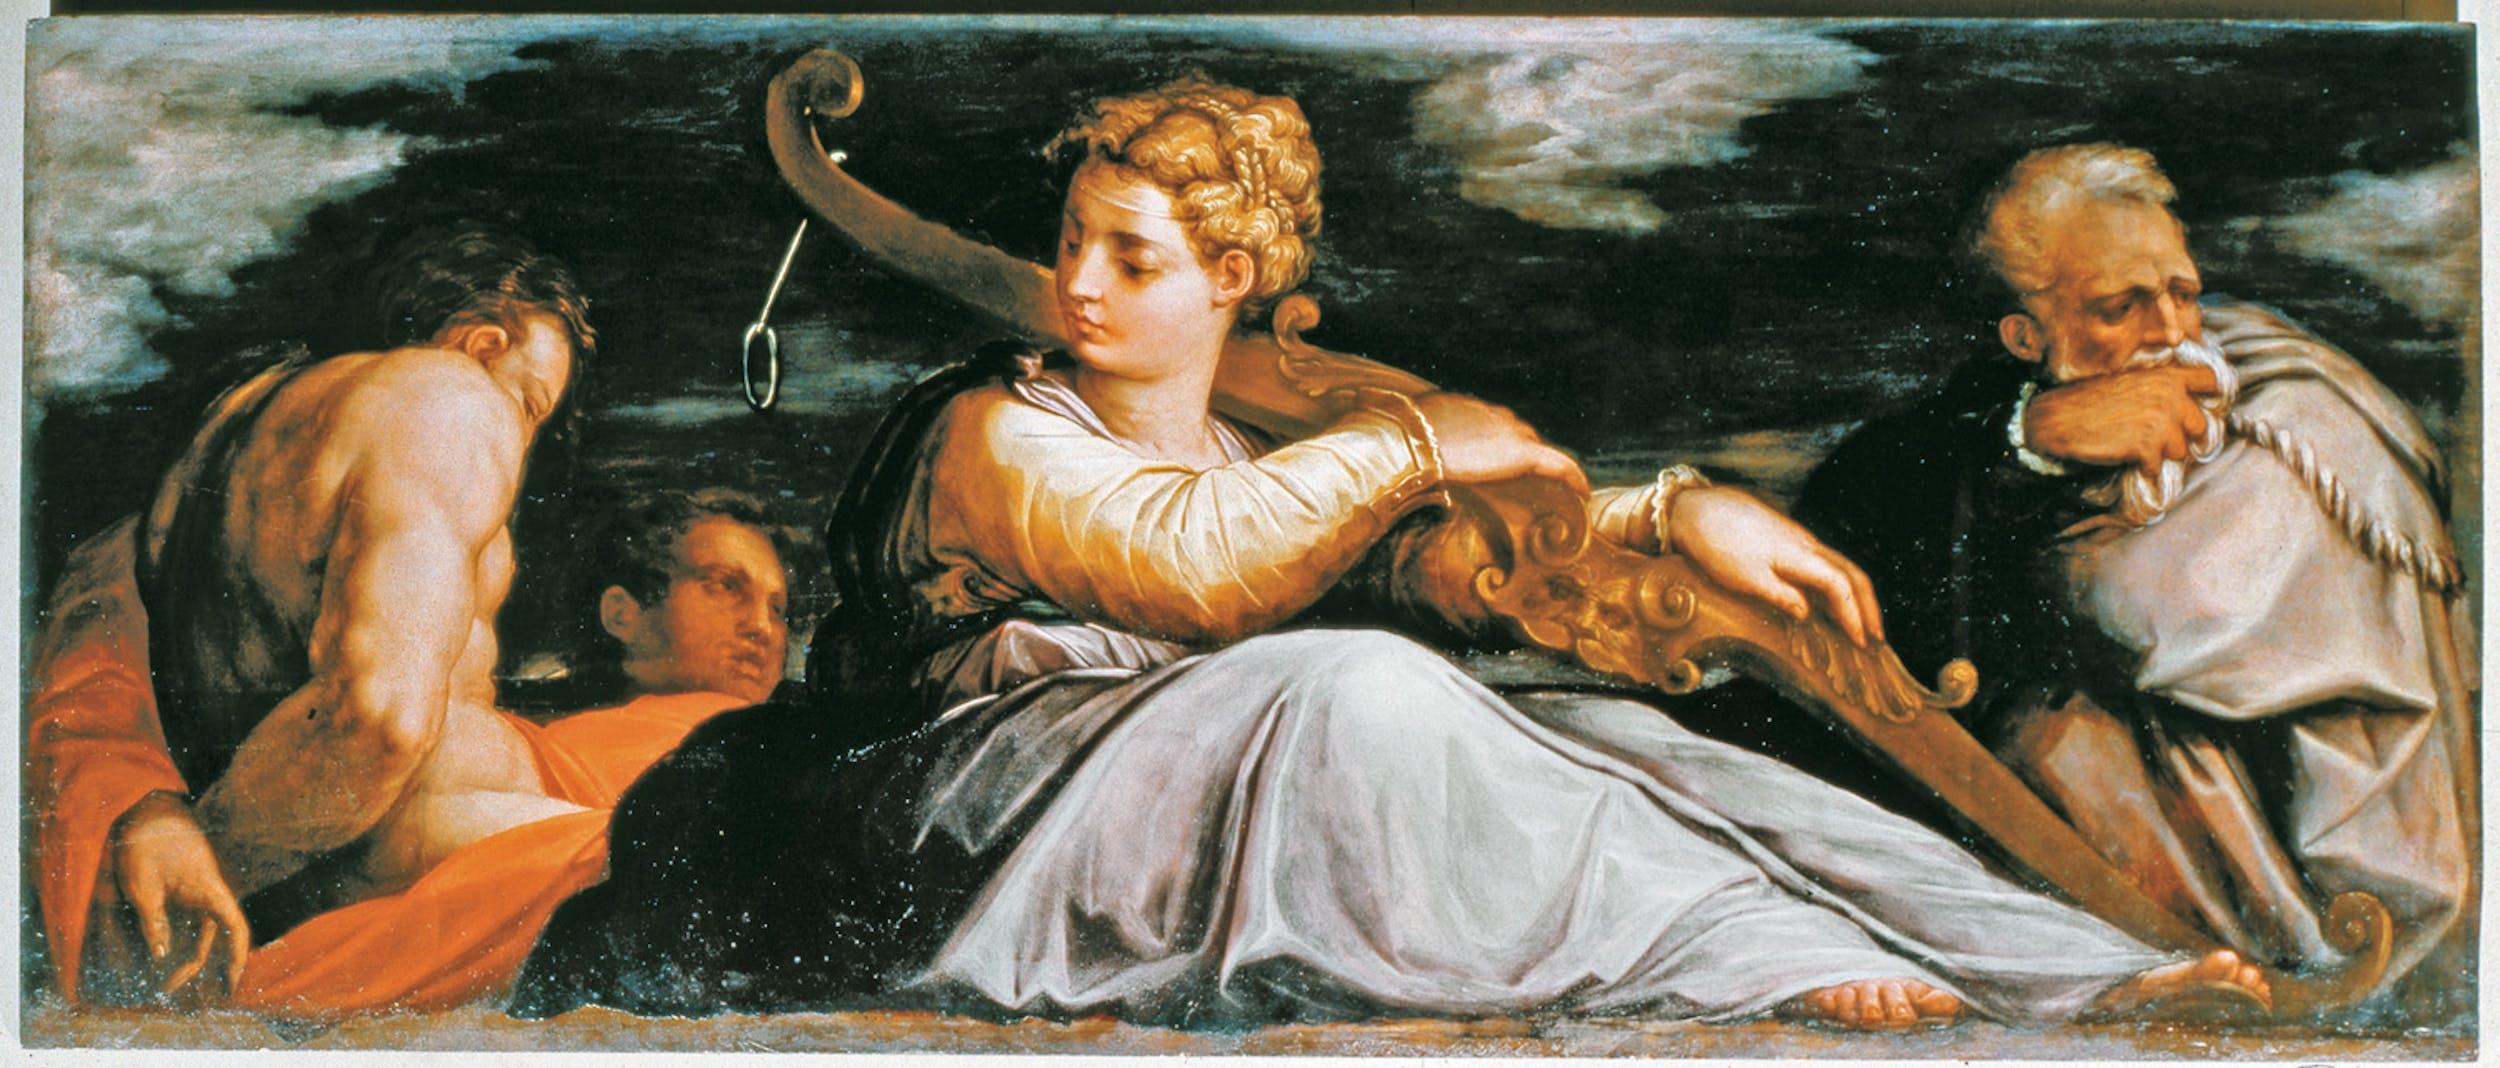 Giorgio Vasari (Arezzo, 1511-Firenze, 1574) La Pazienza 1542 olio su tavola Gallerie dell'Accademia, Venezia | Giorgio Vasari (Arezzo, 1511- Florence, 1574) Patience 1542 oil on wood  Gallerie dell'Accademia, Venice